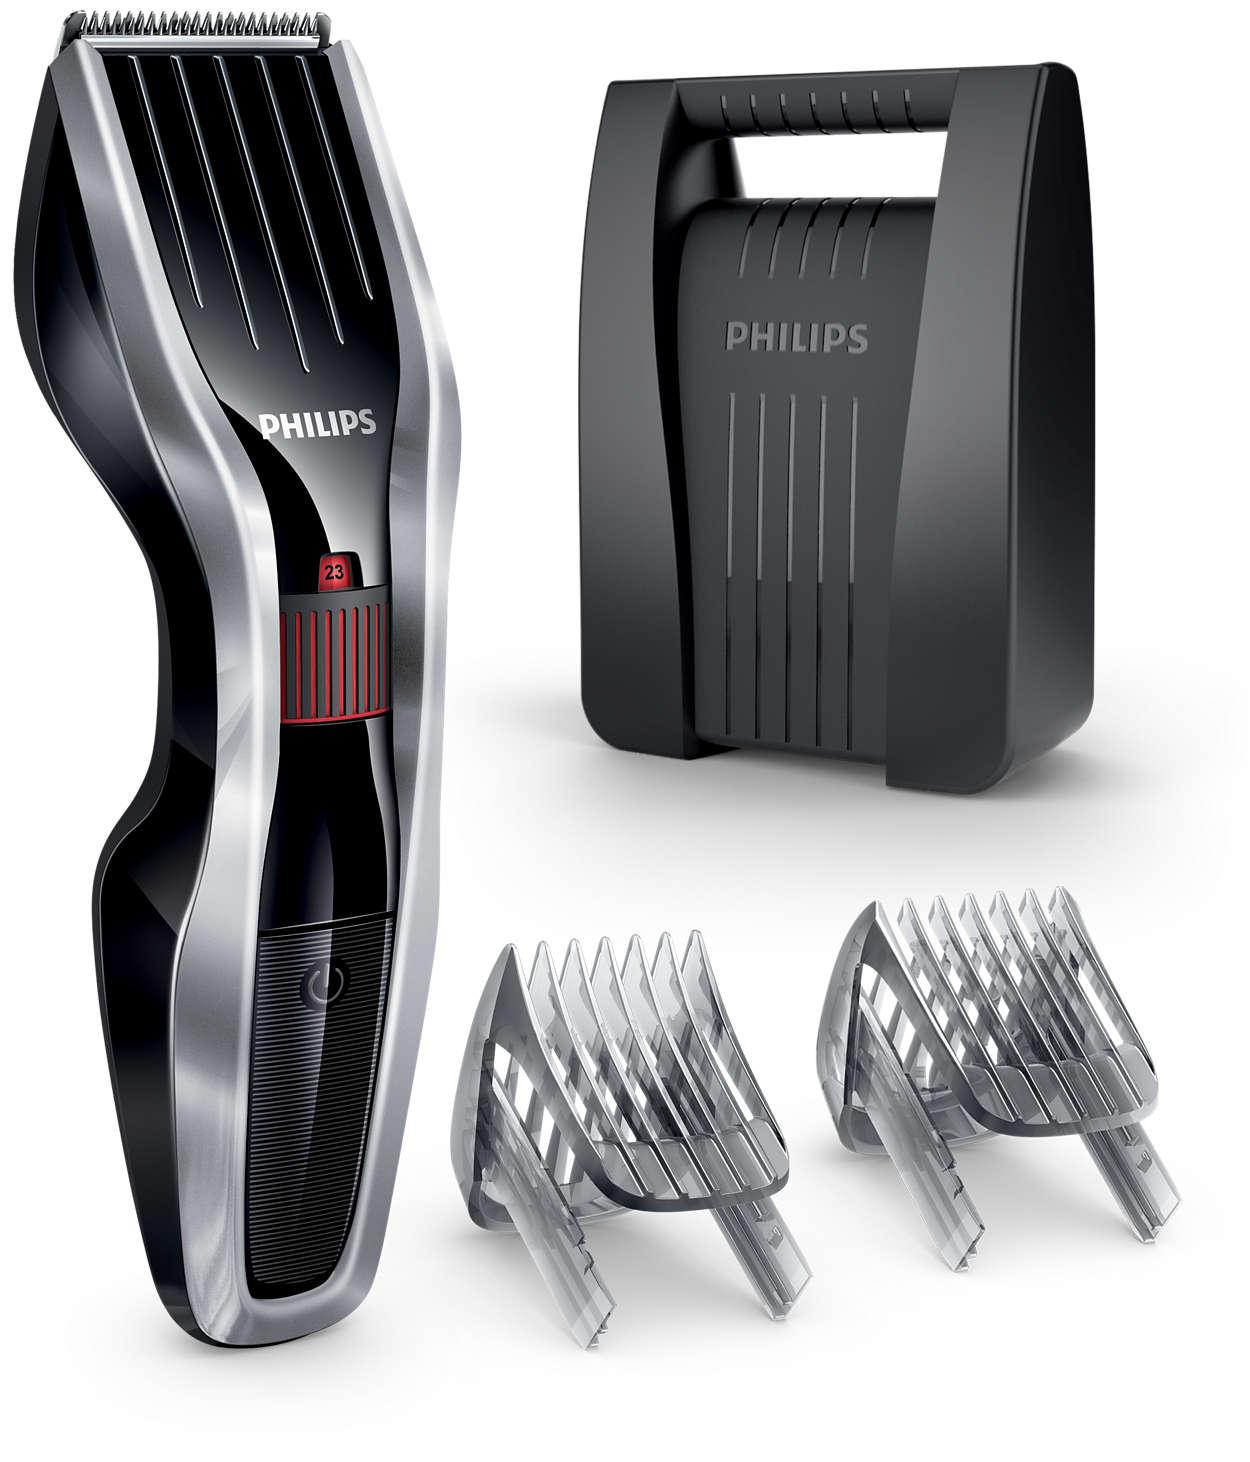 Máq. p/ cortar el cabello serie 5000: corta dos veces más rápido*